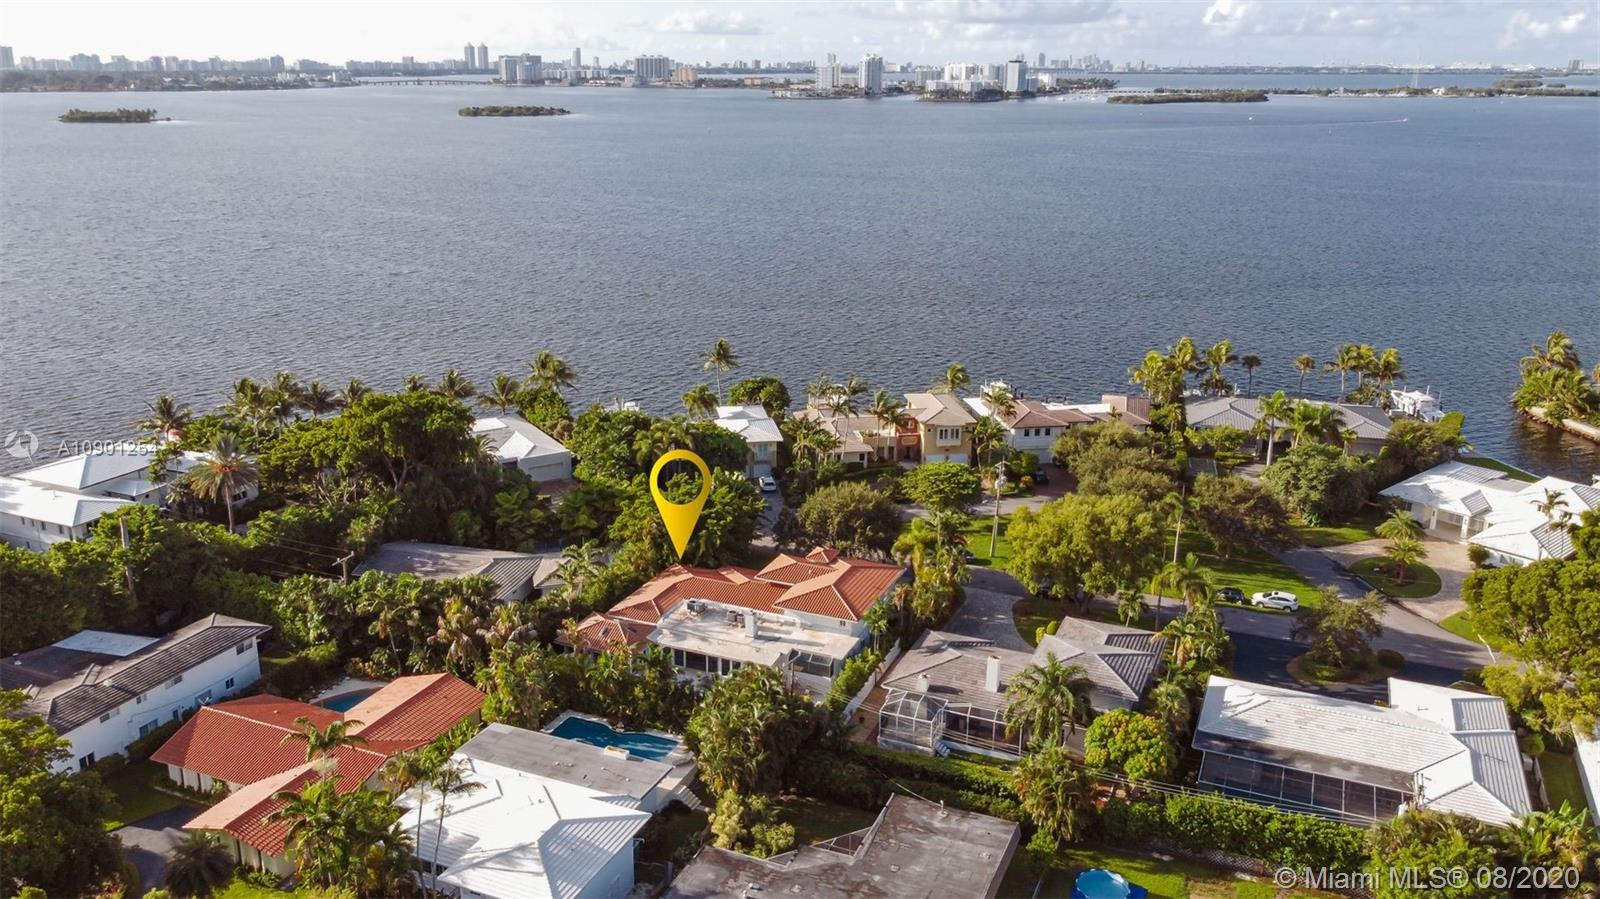 Miami Shores - 1551 NE 103rd St, Miami Shores, FL 33138